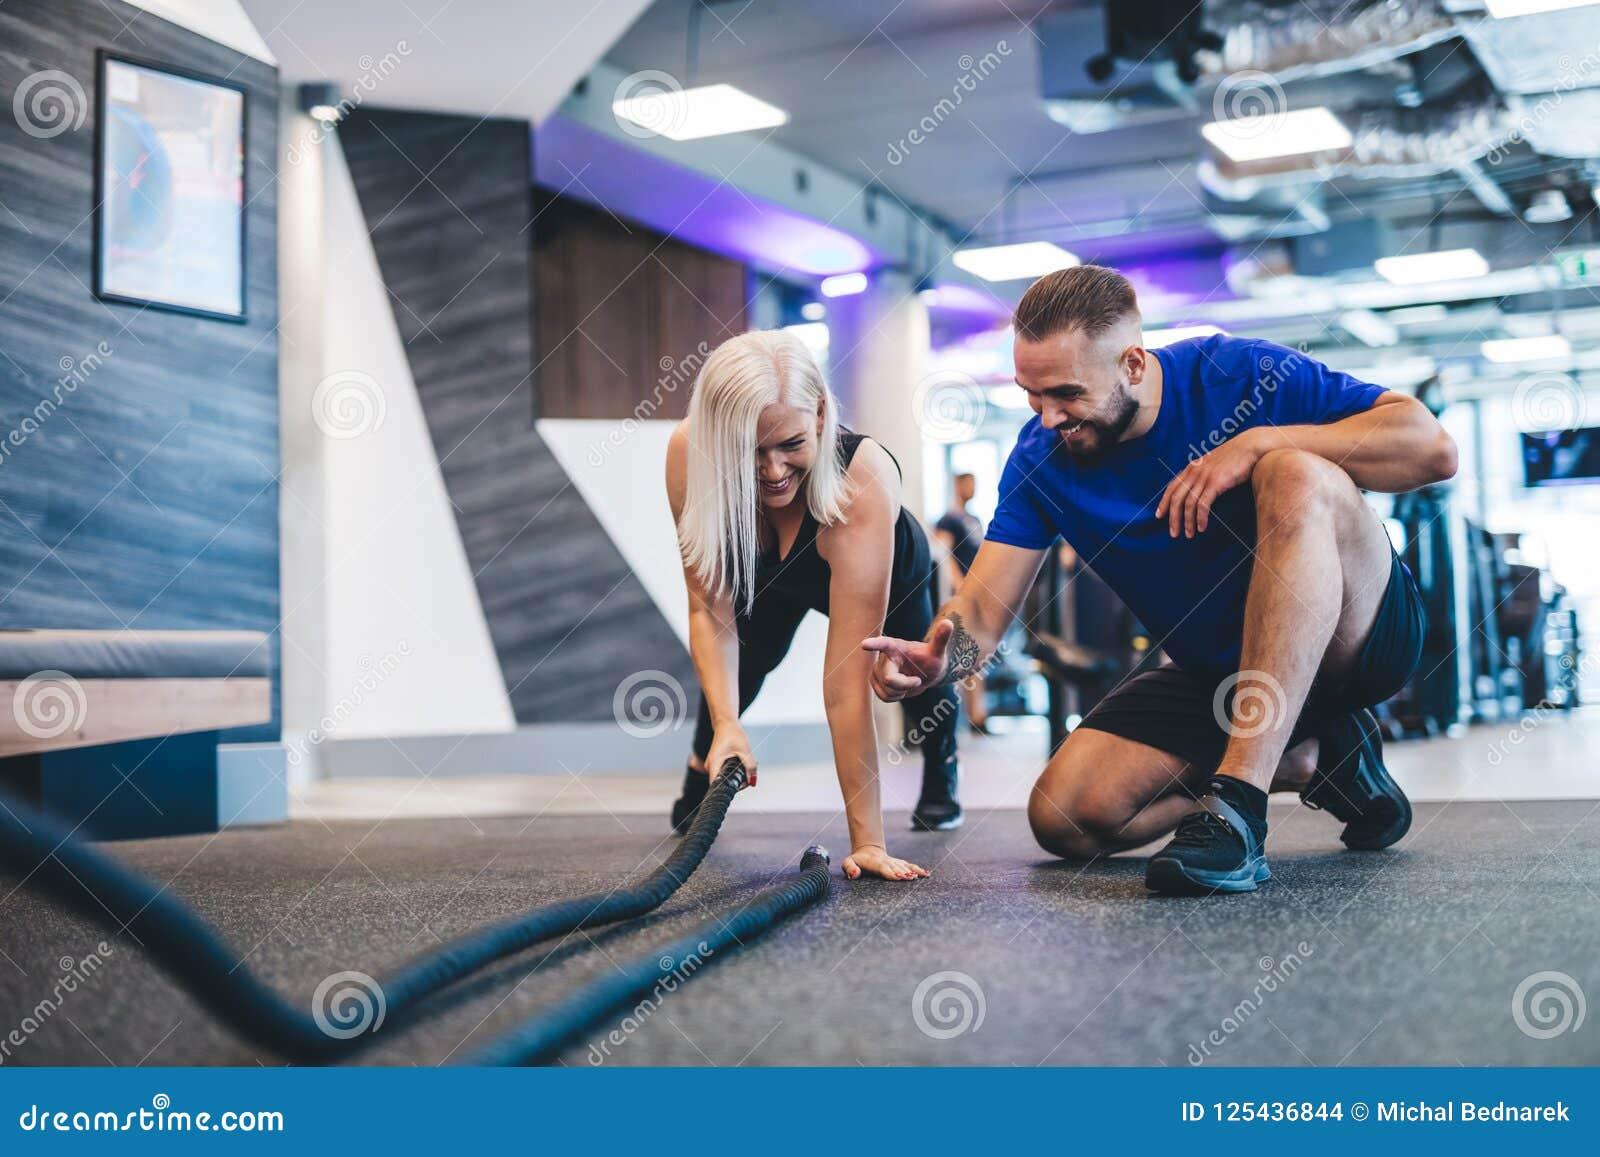 Turnhallenlehrer und eine Frau, die an der Turnhalle trainiert